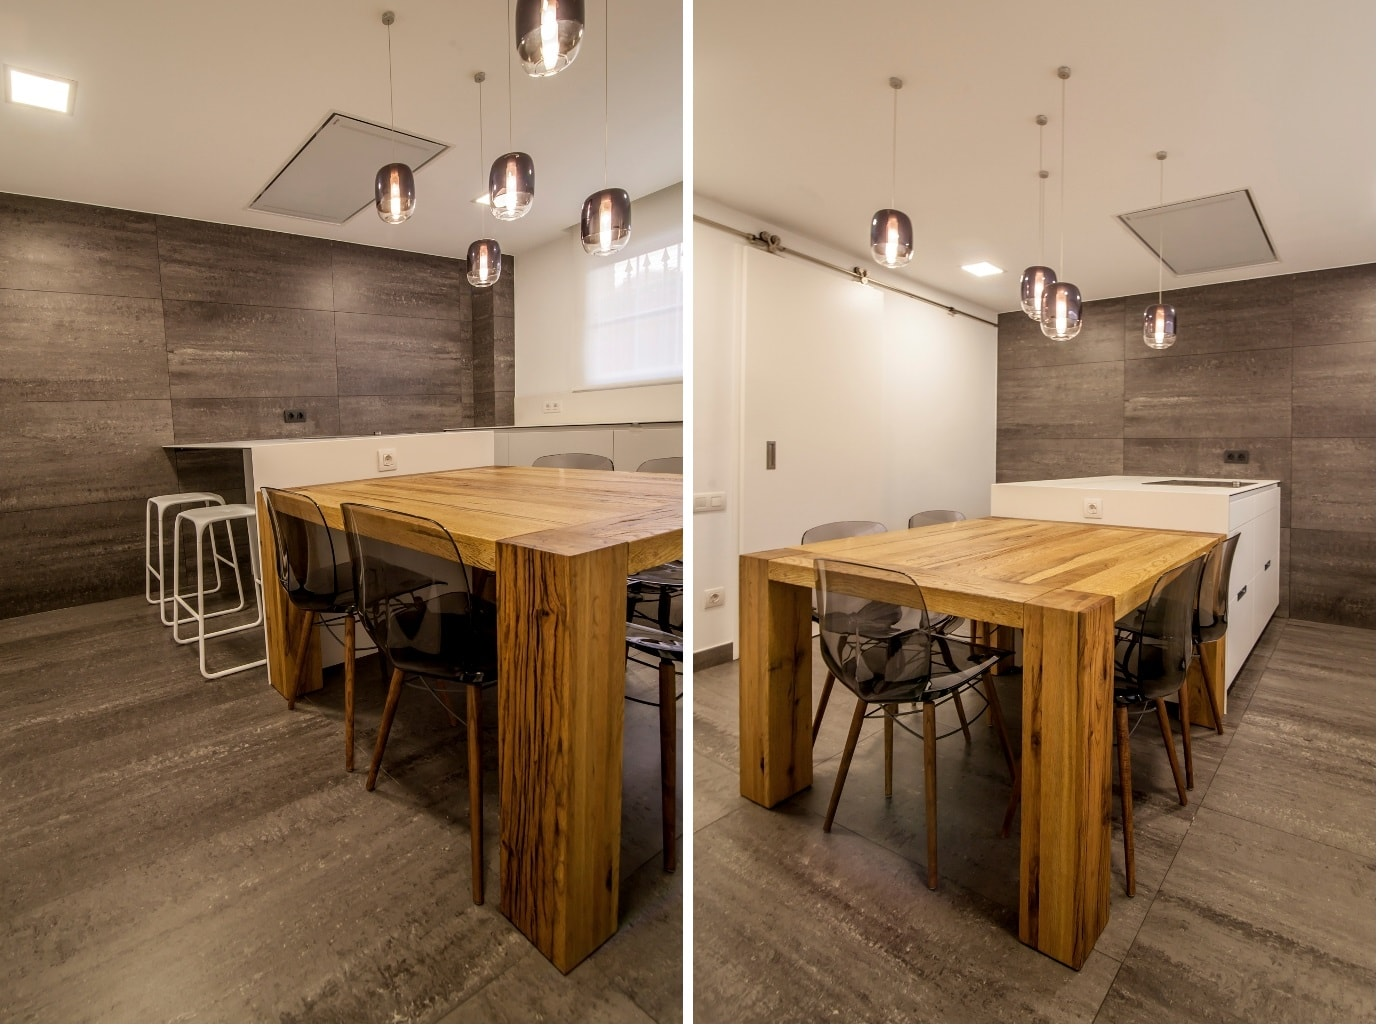 Mesas de madera un complemento ideal para las cocinas for Mesas para cocinas estrechas